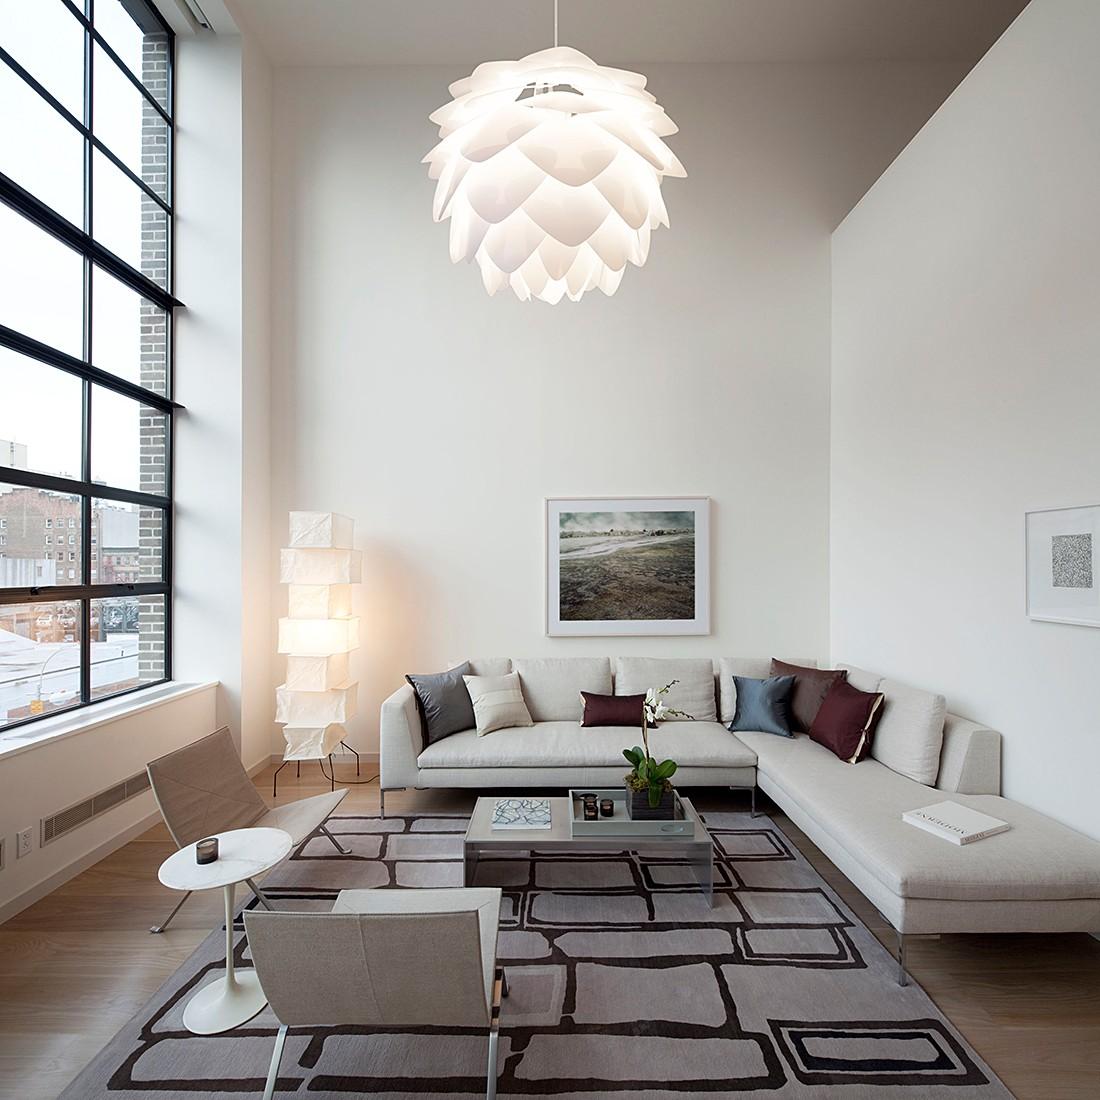 lampe artischocke moderne kunst eiche holz anhnger. Black Bedroom Furniture Sets. Home Design Ideas